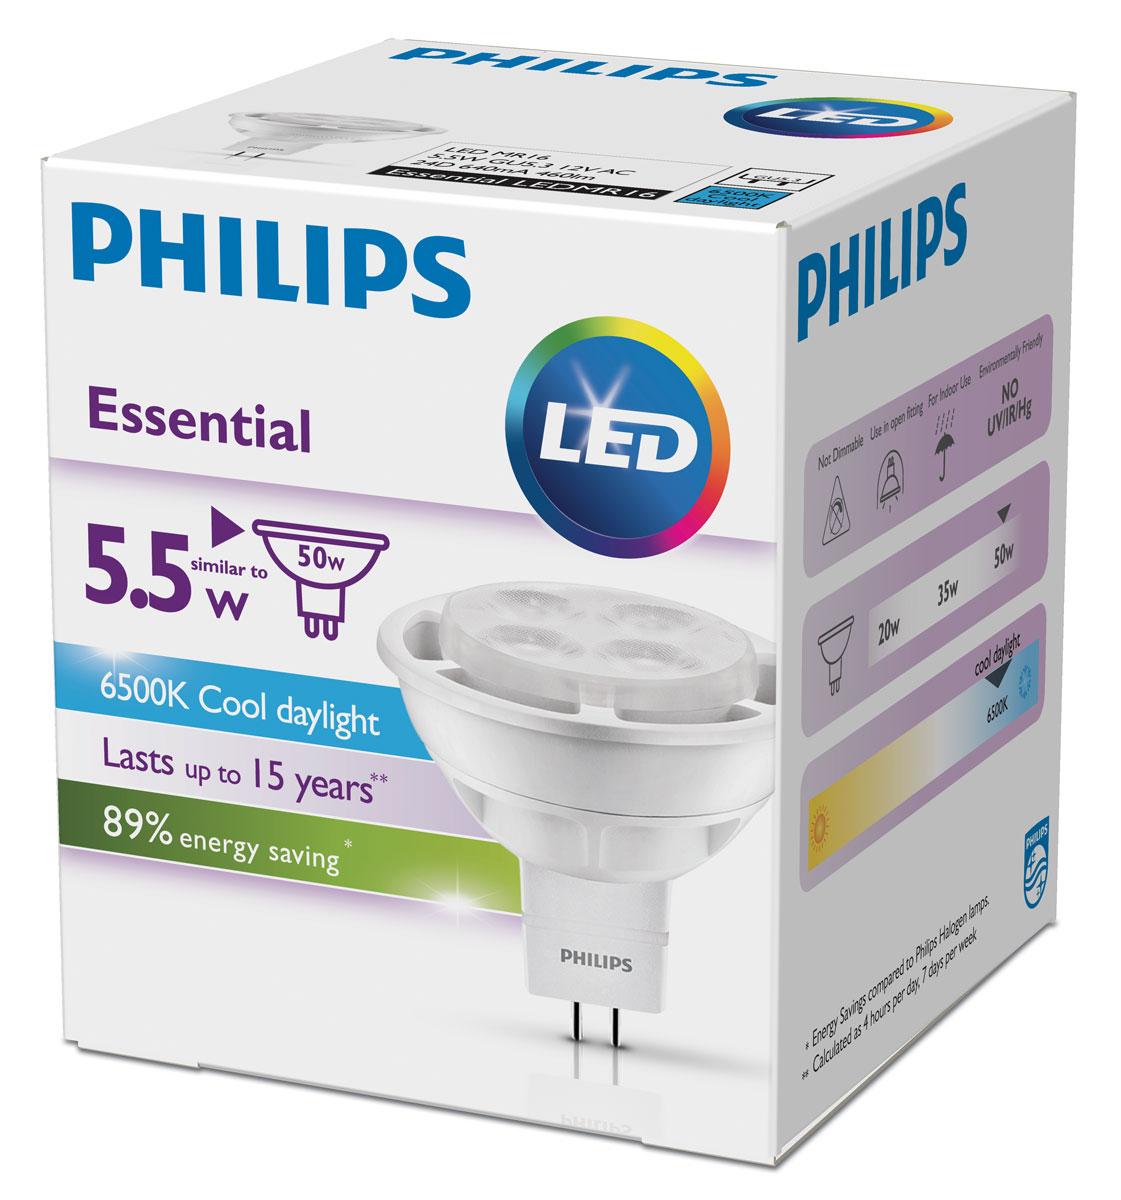 Лампа светодиодная Philips Essential, цоколь GU5.3, 5,5W, 6500К лампа светодиодная philips essential цоколь gu5 3 3w 3000к